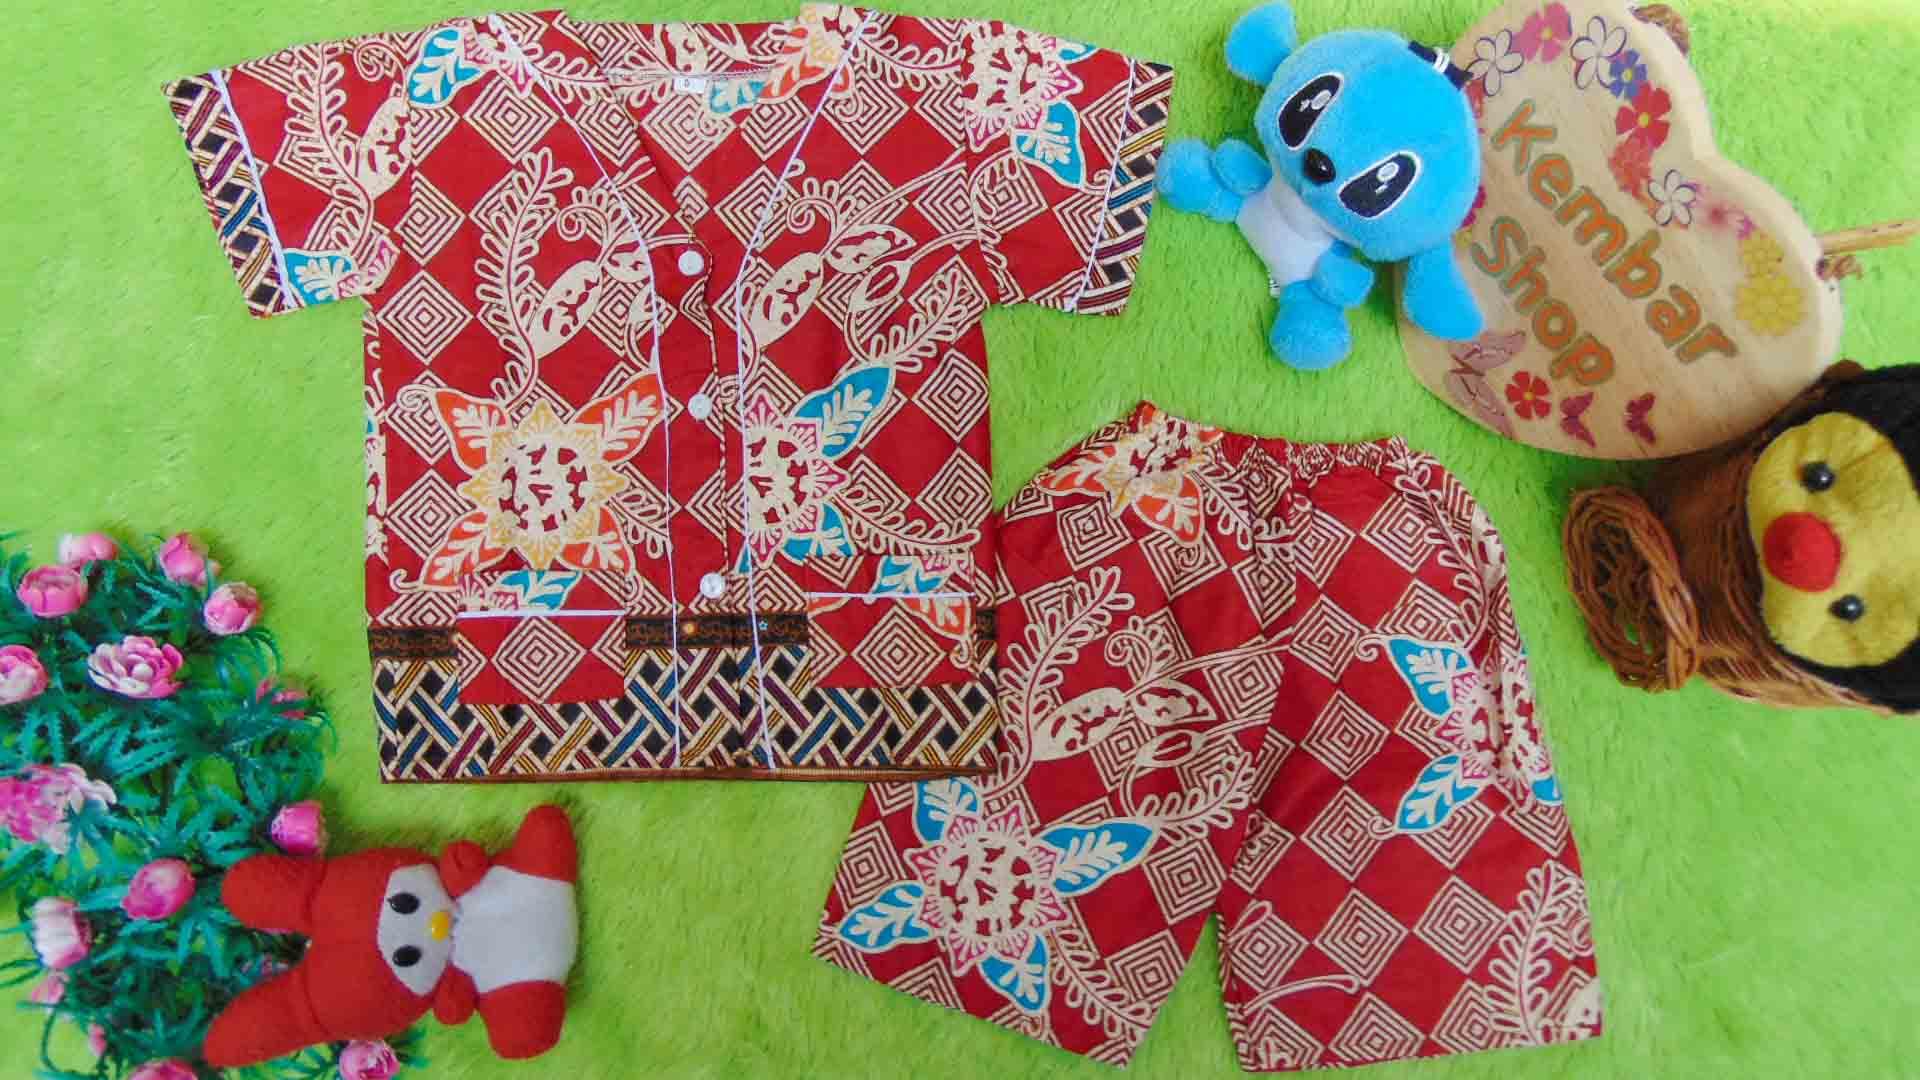 Setelan Baju Tidur Piyama Batik Bayi size O 0-6bln motif Geometri Sulur merah